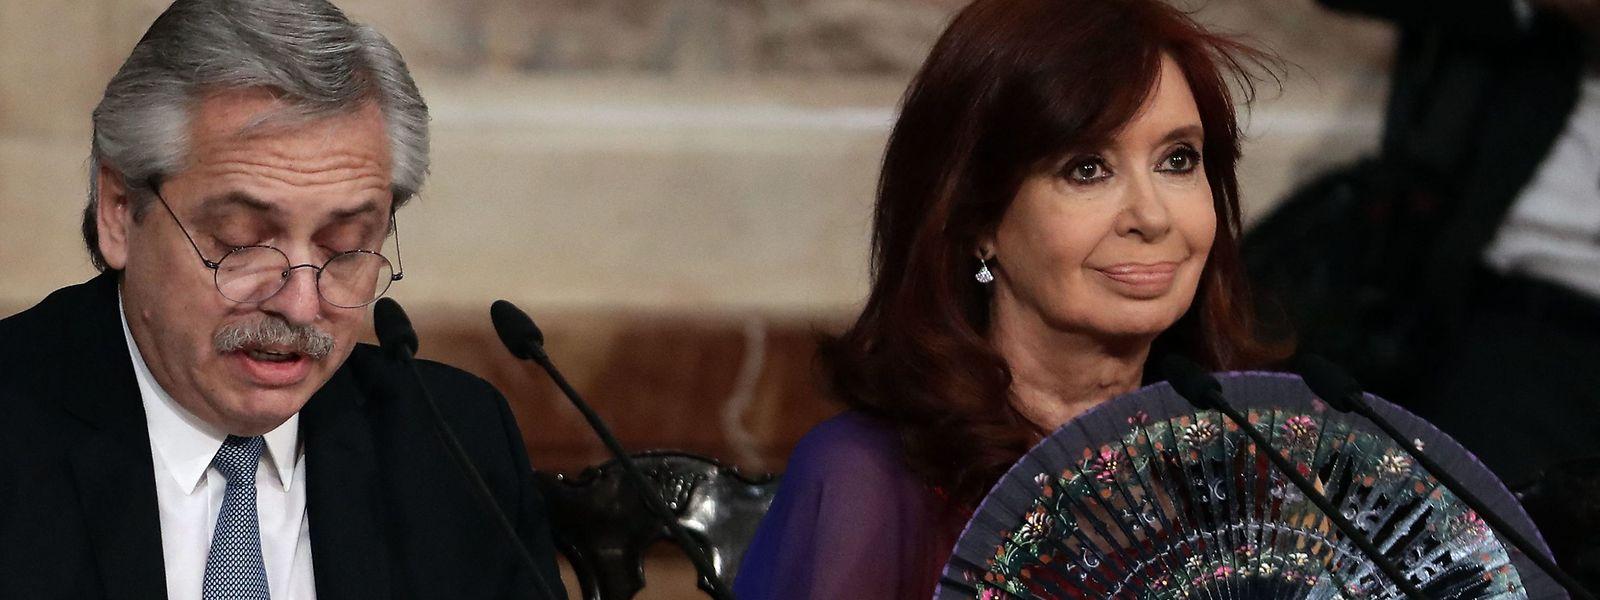 Presidente argentino Alberto Fernandez (e) faz um discurso, ao lado da Vice-Presidente Cristina Fernandez de Kirchner (d), durante a inauguração do 138º período de sessões ordinárias no Congresso em Buenos Aires em março de 2020.